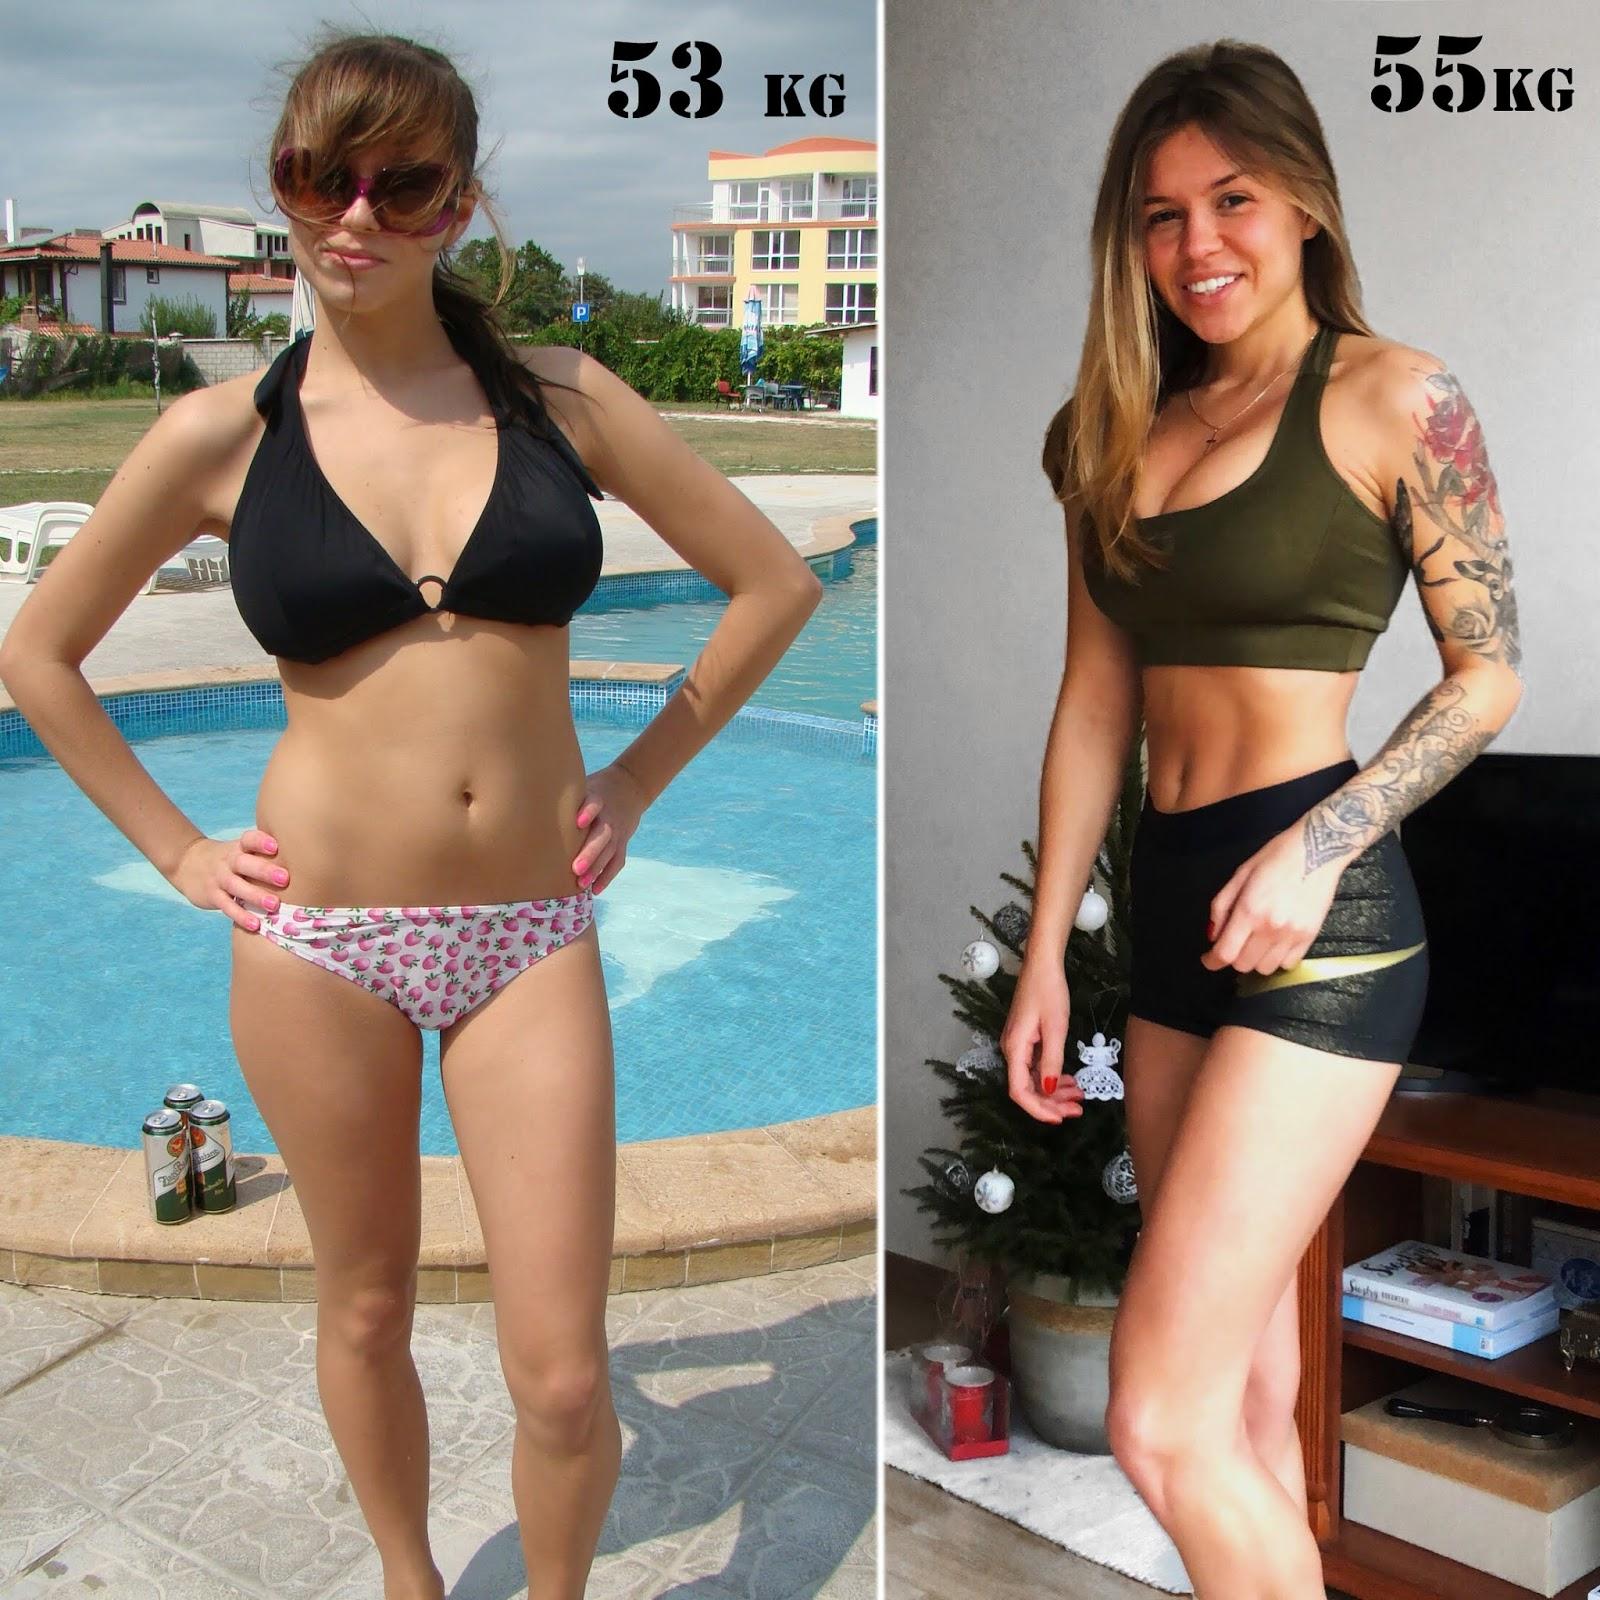 Jak szybko pozbyć się odstającego brzucha?